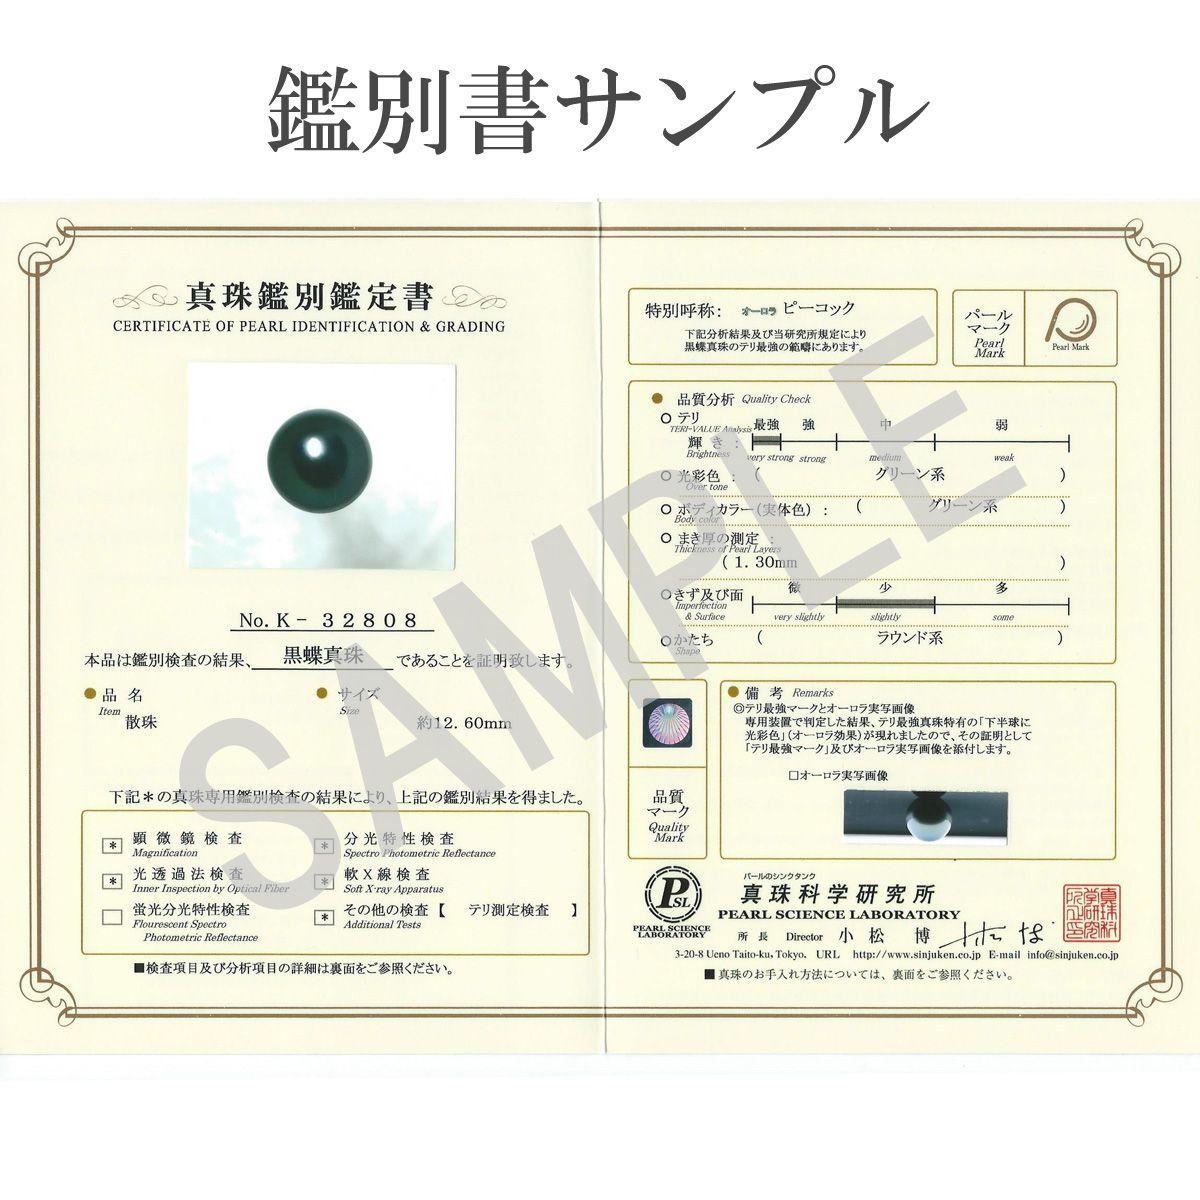 タヒチ黒蝶真珠 パール リング 約12.6mm プラチナ Pt900 ピーコックの写真